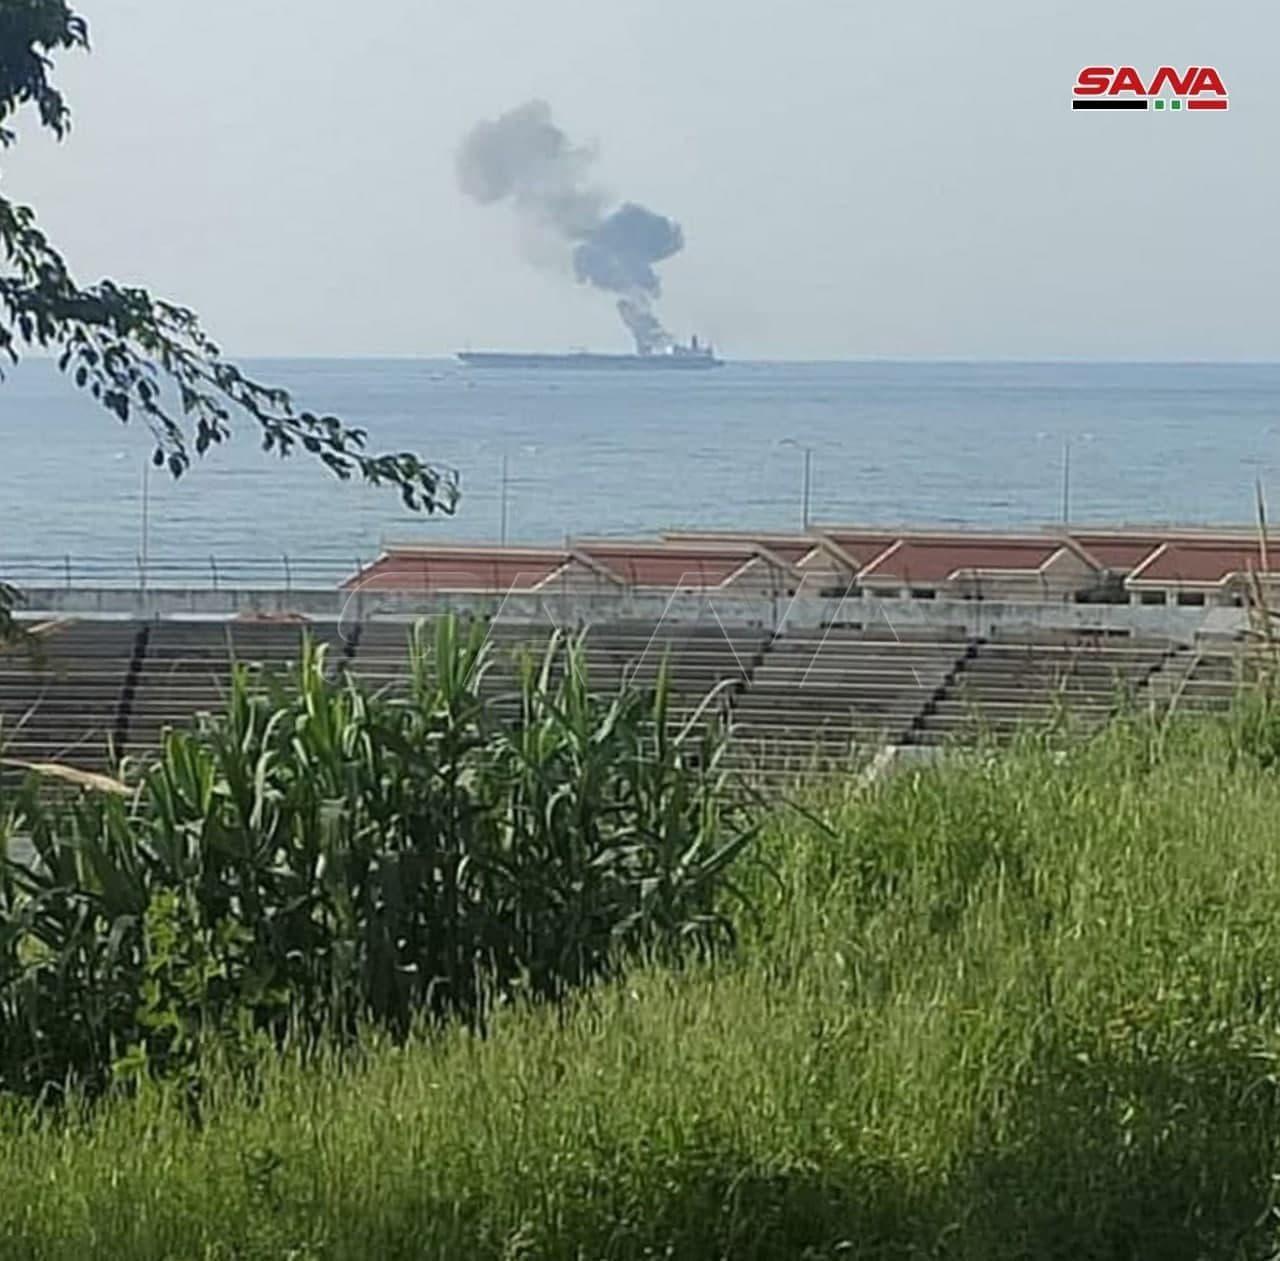 حمله به یک نفتکش در سواحل بندر بانیاس سوریه